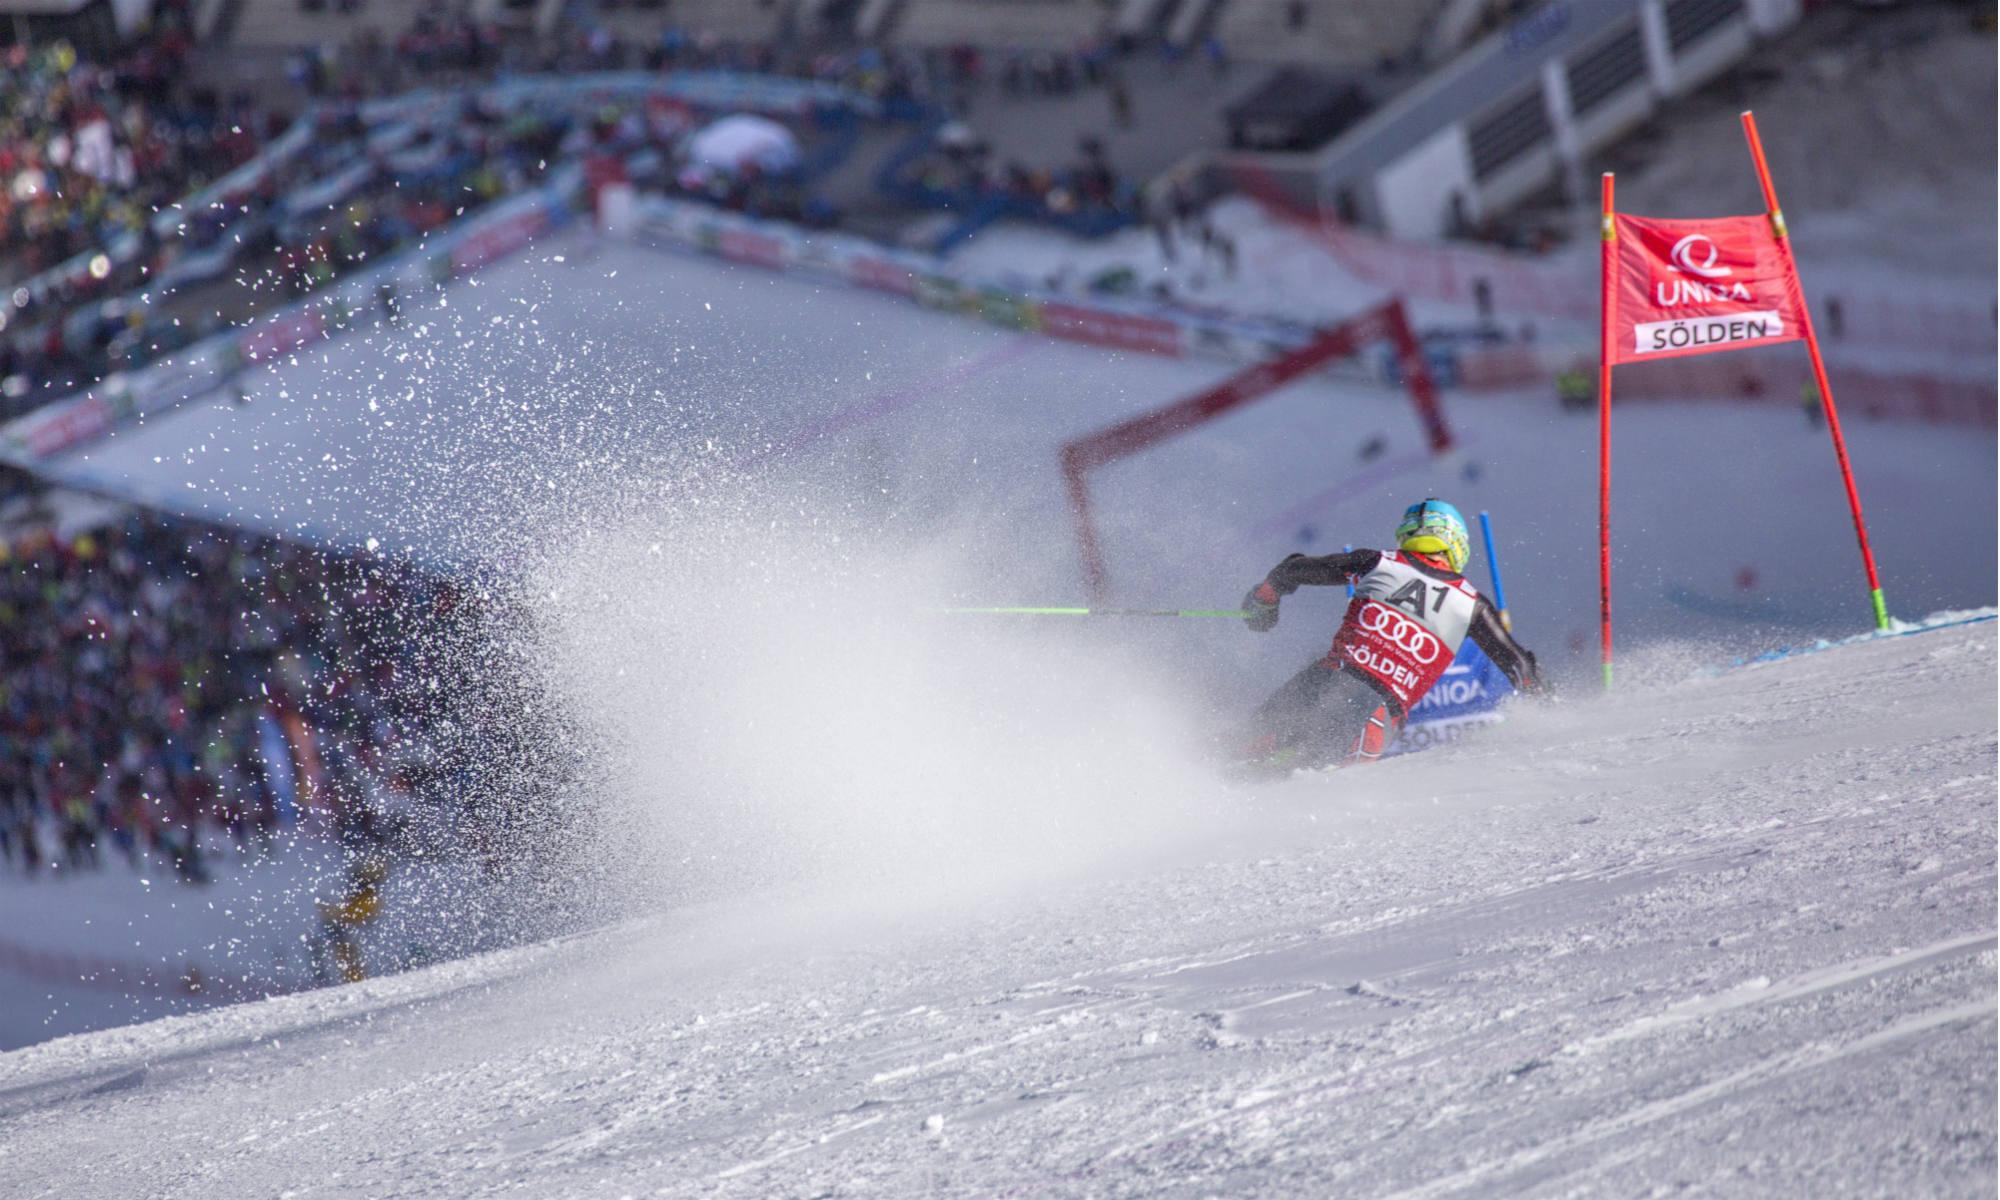 Un skieur en train de descendre une piste slalom.